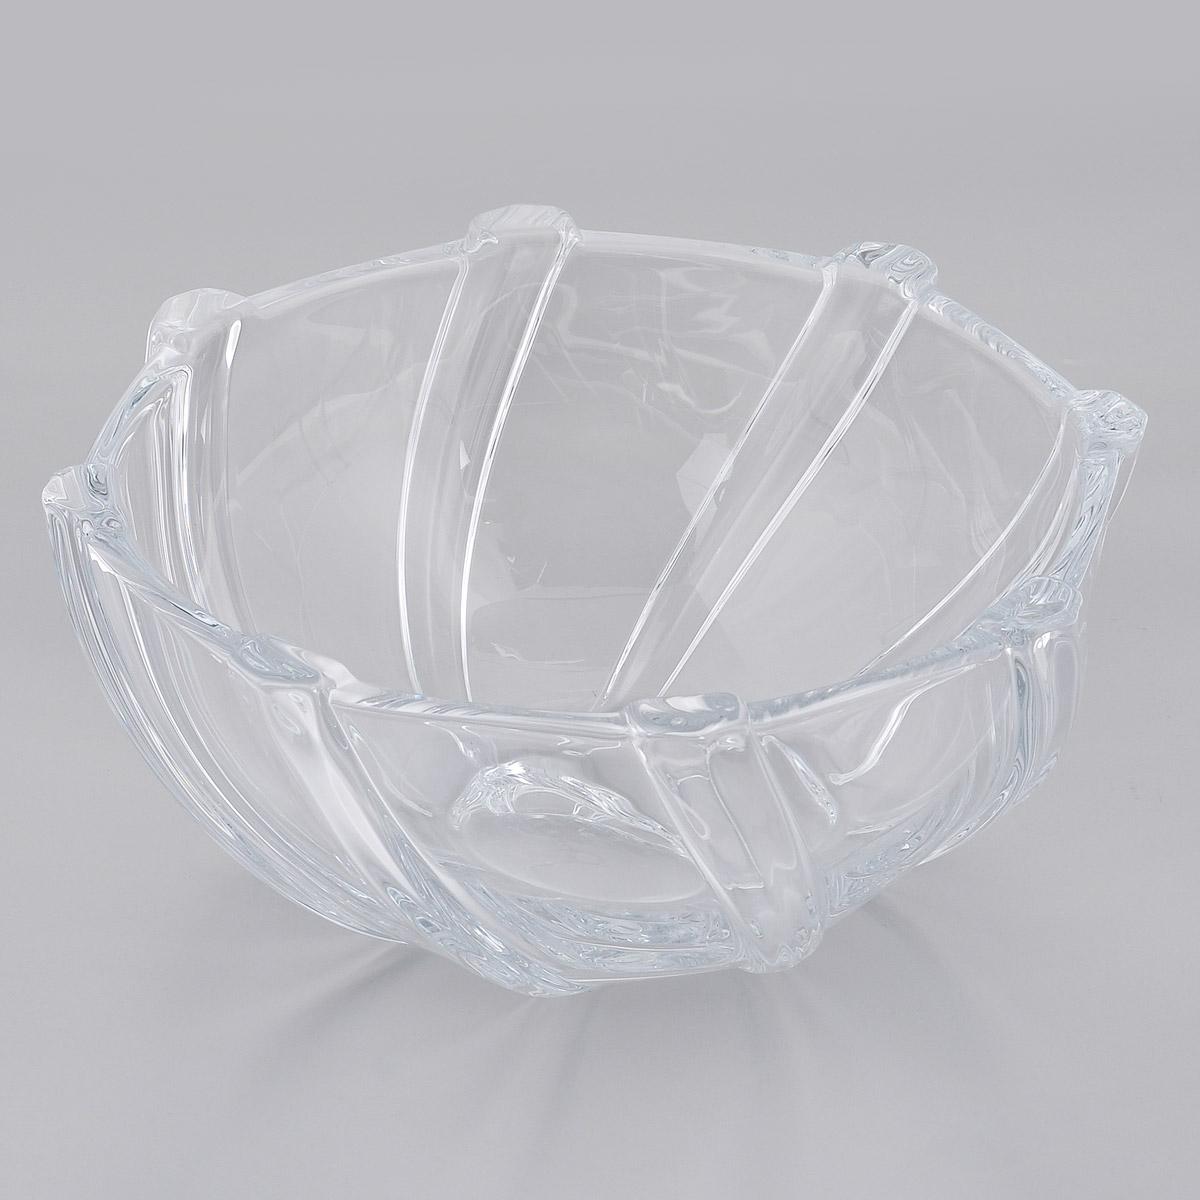 Салатник Crystalite Bohemia Инфинити, диаметр 28 см6KA66/0/99M20/280Изящный салатник Crystalite Bohemia Инфинити изготовлен из прочного утолщенного стекла кристалайт. Он красиво переливается и излучает приятный блеск. Оригинальная слегка закрученная поверхность и выпуклые вставки делают его изящным украшением интерьера. Салатник Crystalite Bohemia Инфинити займет достойное место среди аксессуаров на вашей кухне и станет желанным и стильным подарком.Можно использовать в микроволновой печи и посудомоечной машине.